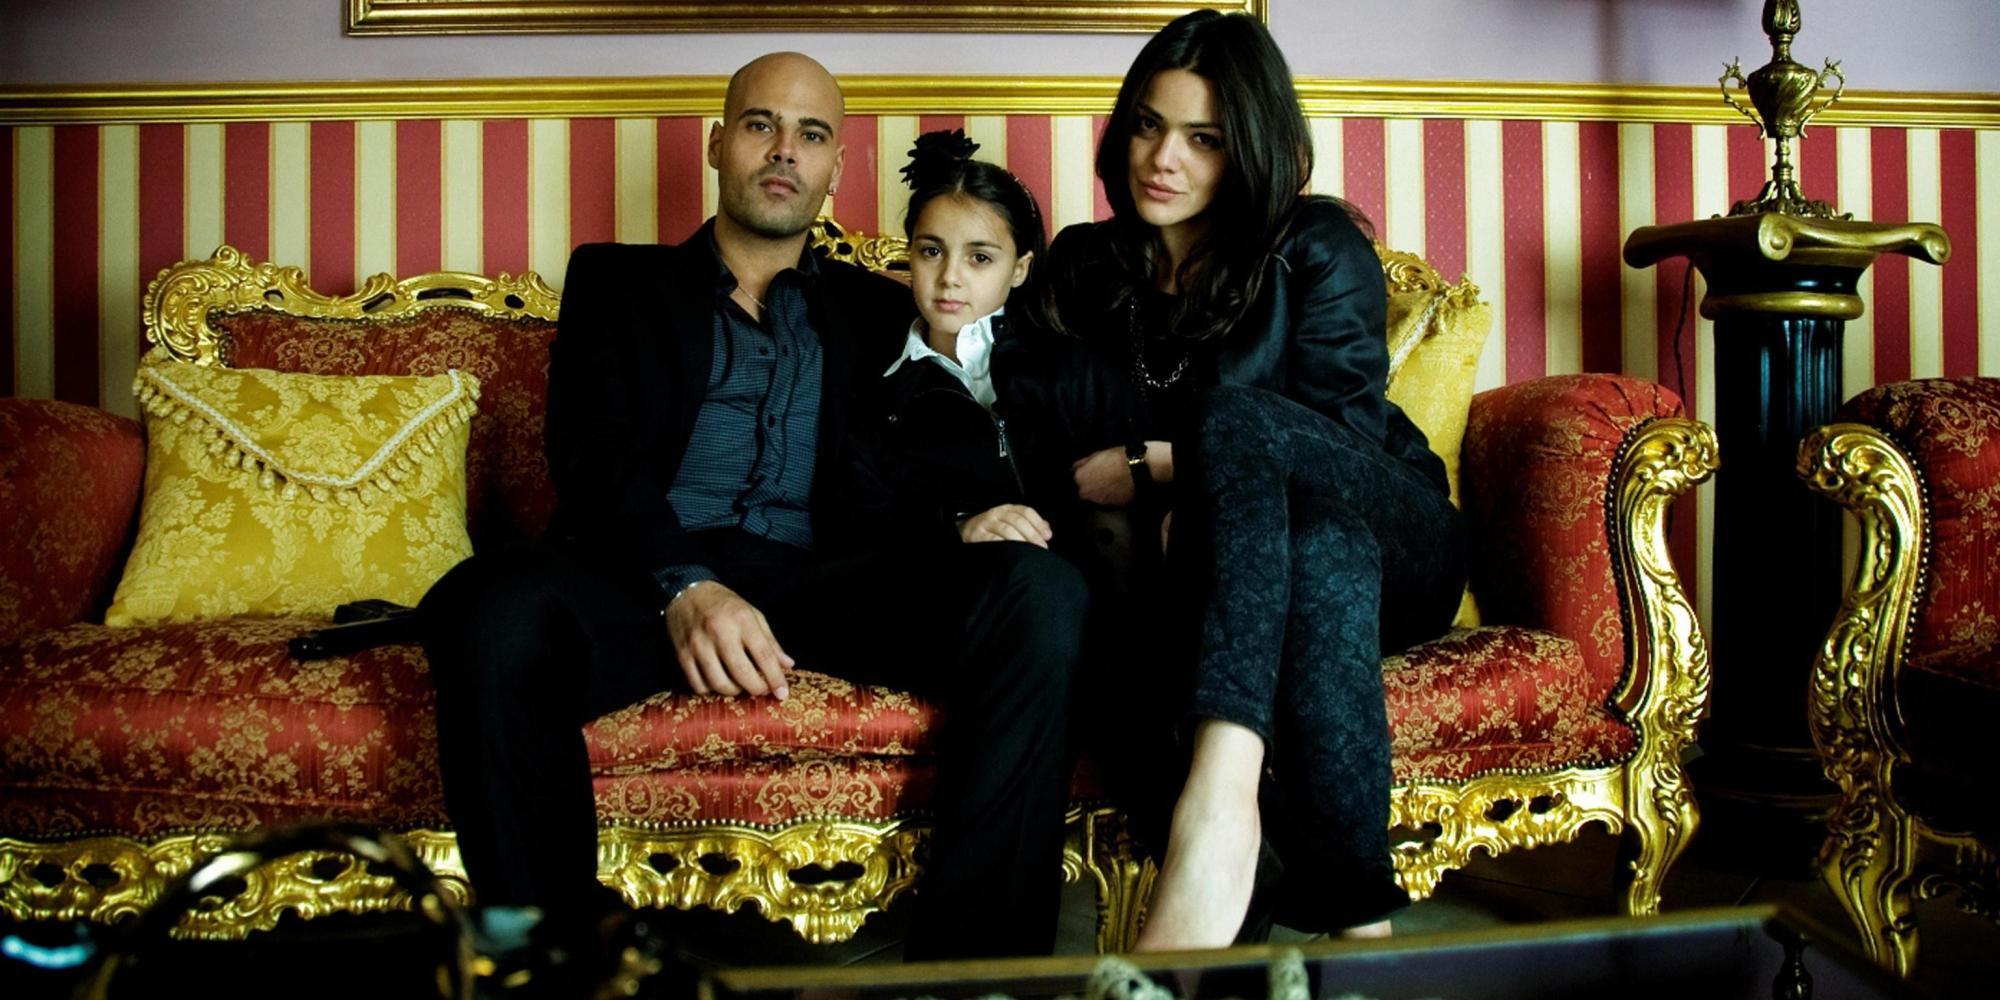 Gli attori interpreti della famiglia di Ciro di Marzio in una foto di scena della serie tv Gomorra che andrà in onda su Sky. ANSA/ EMANUELE SCARPA - UFFICIO STAMPA ++HO NO SALES EDITORIAL USE ONLY++